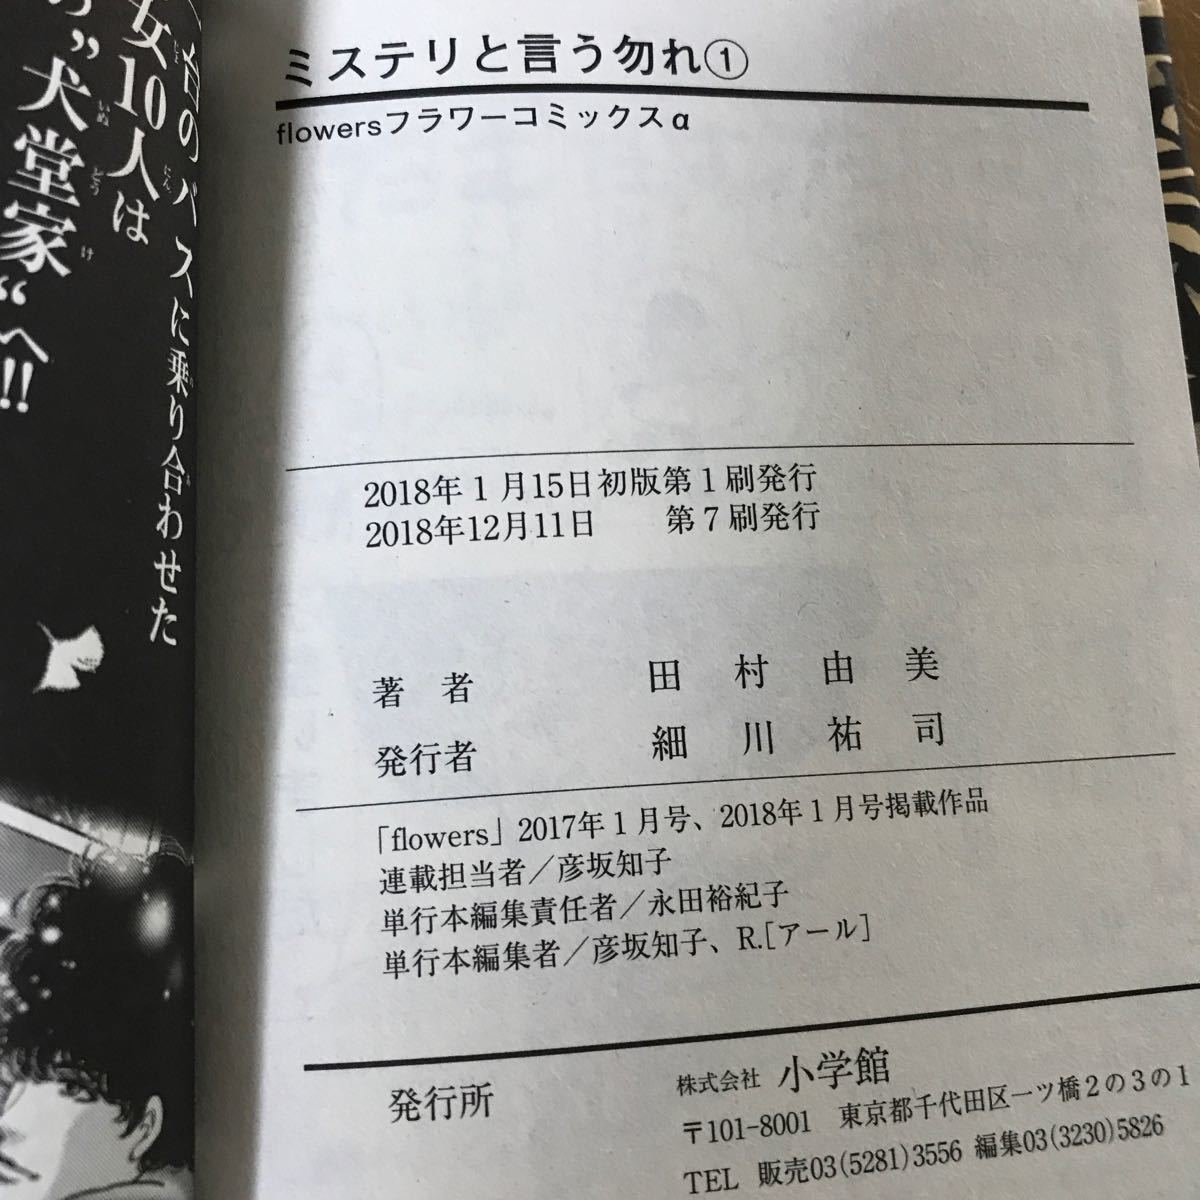 ミステリと言う勿れ  田村由美 1巻